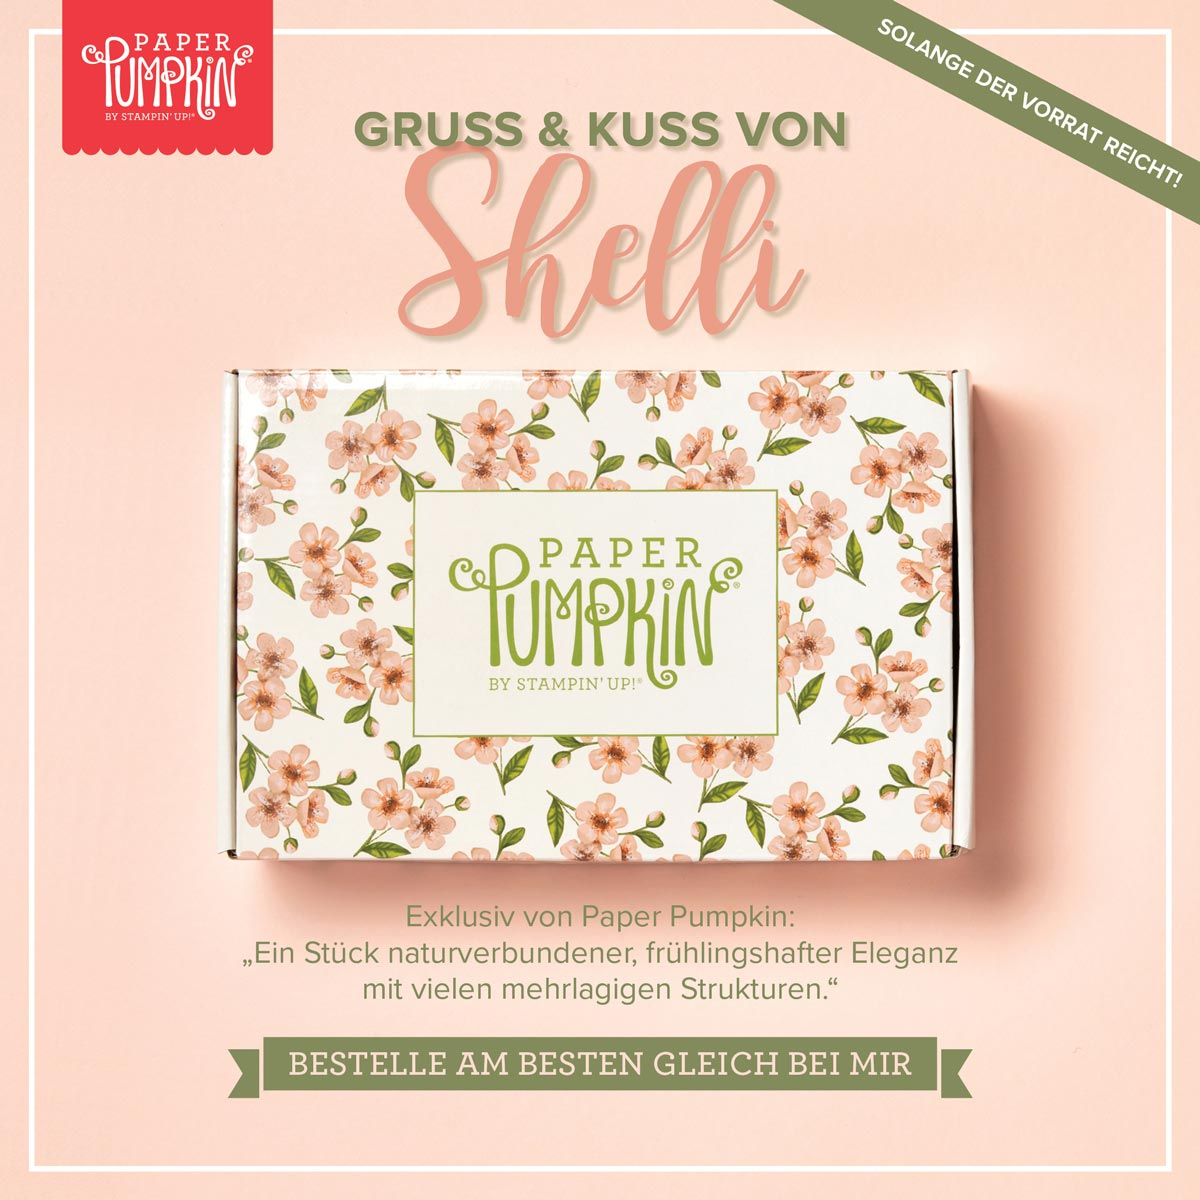 """Preisnachlass auf """"Gruß & Kuss von Shelli"""""""